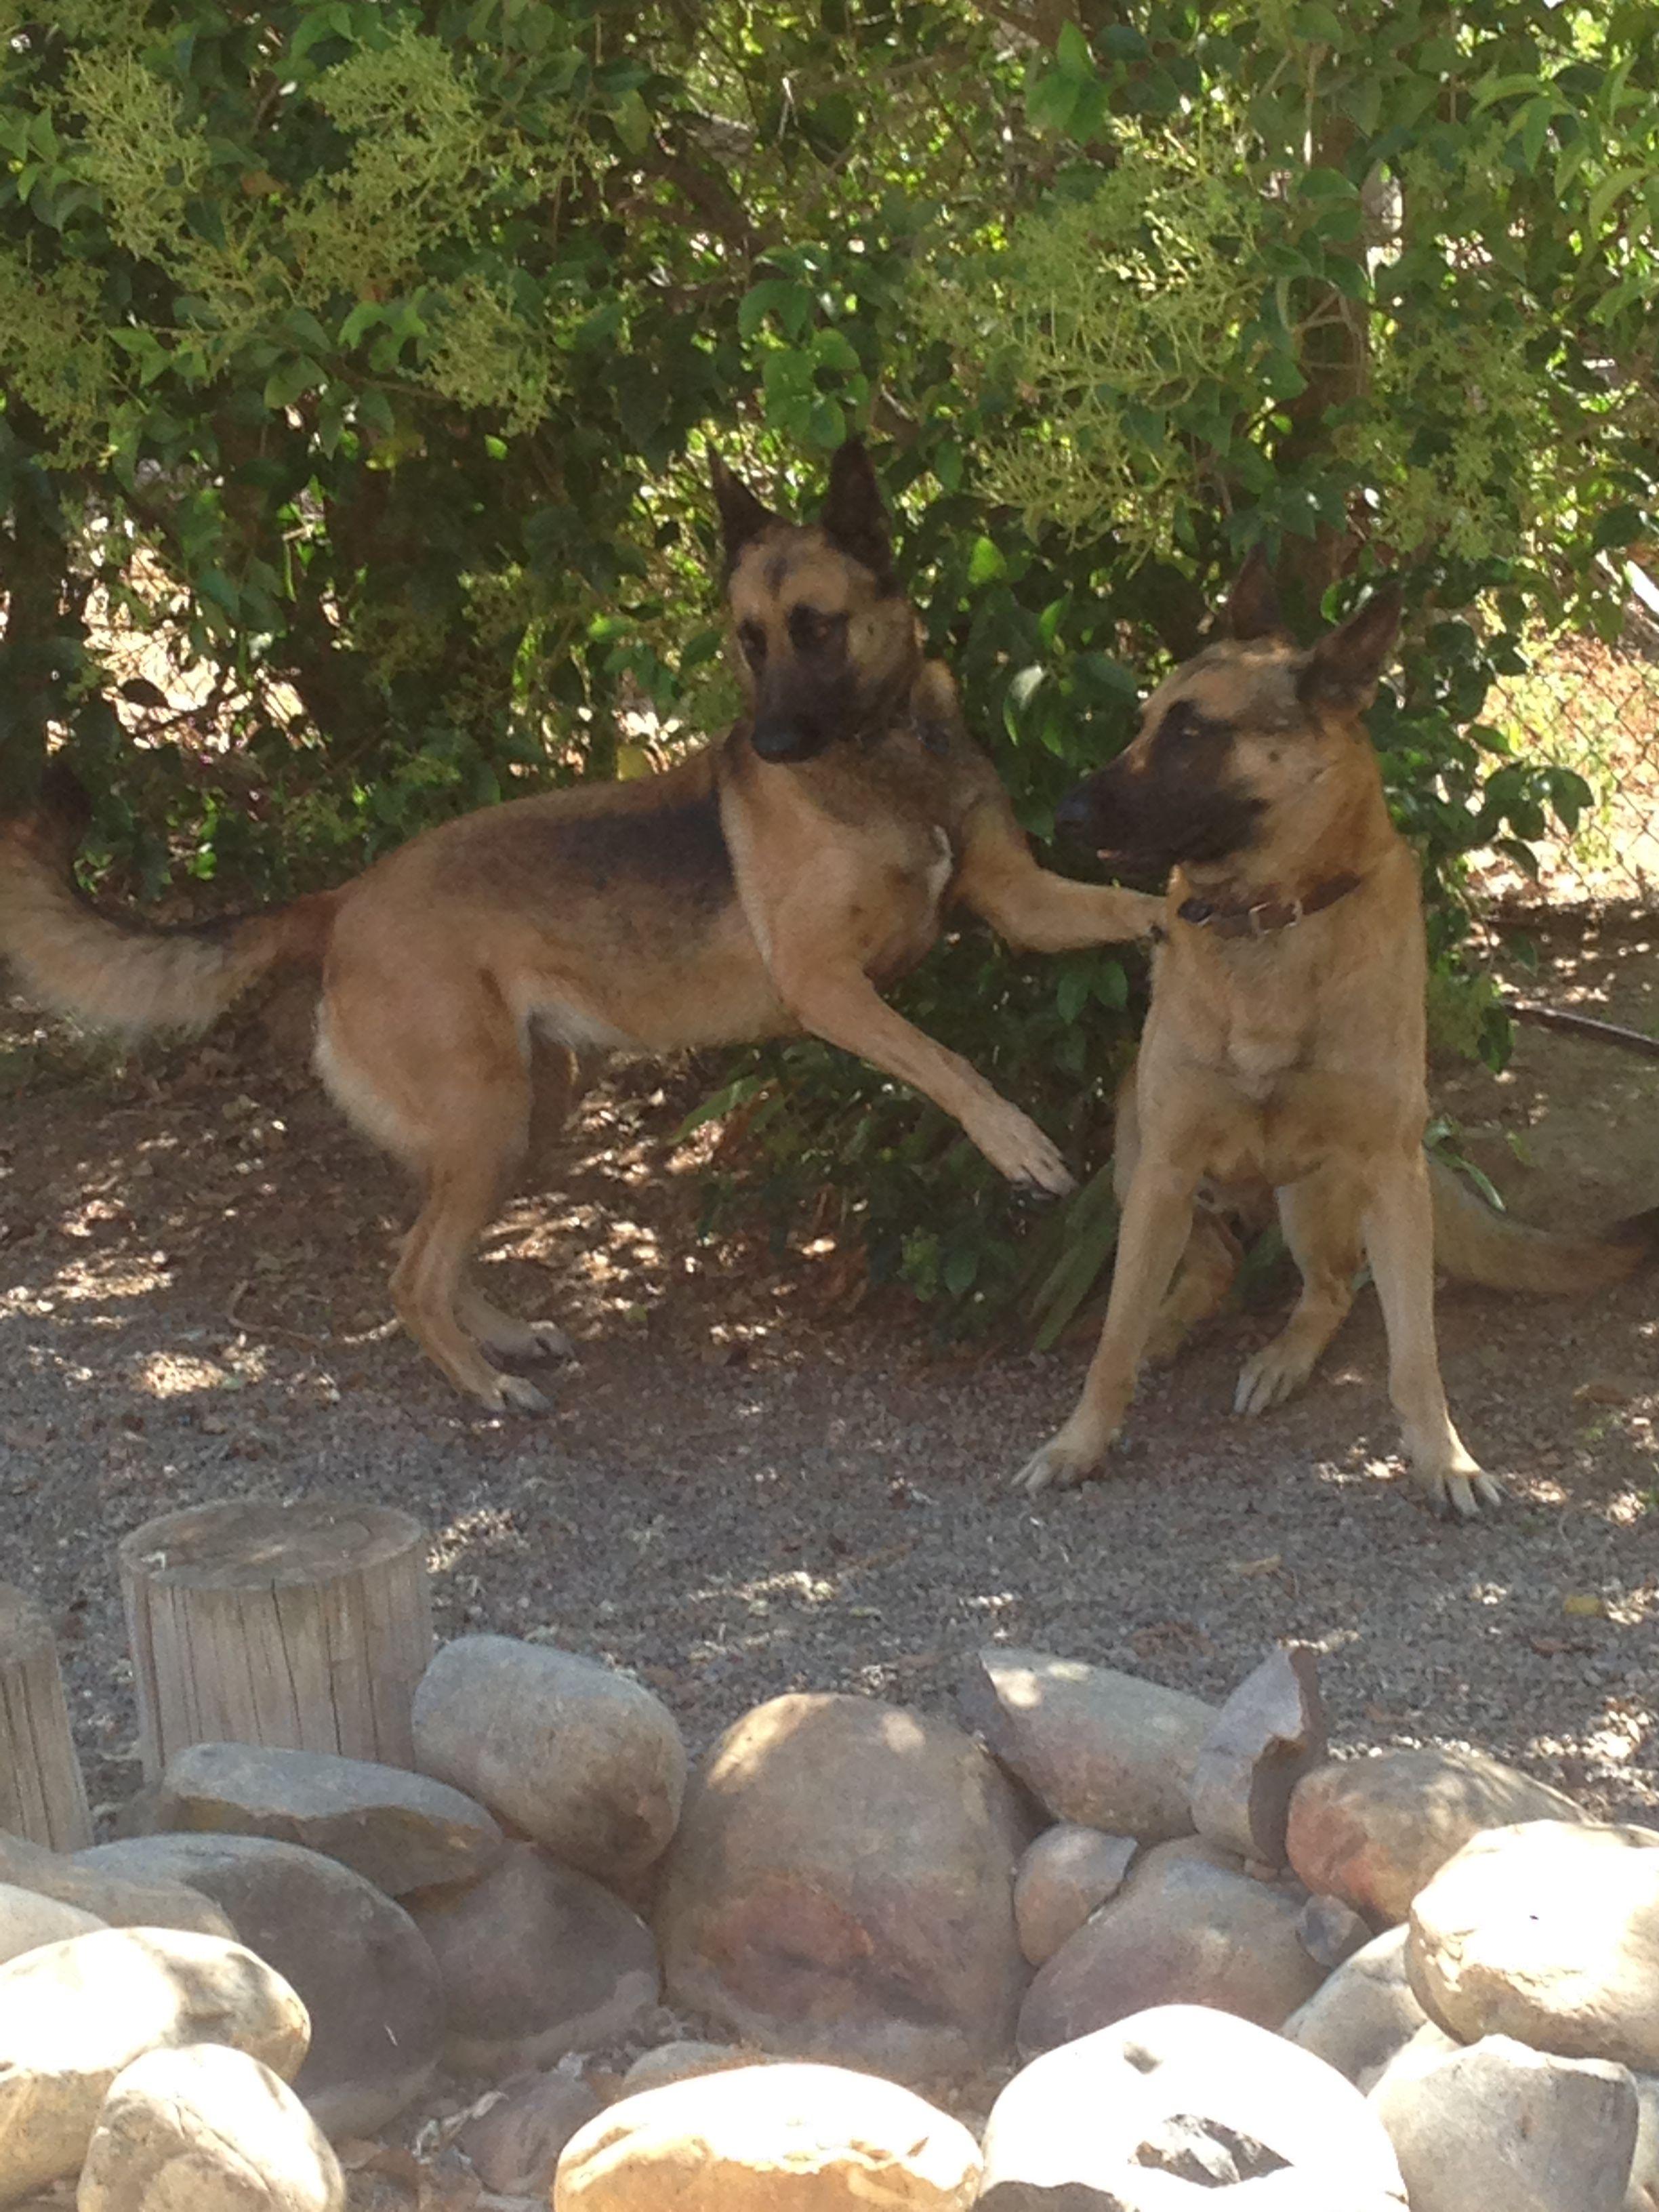 Pin By Julie Kosinski On Animals Belgian Malinois Dog Malinois